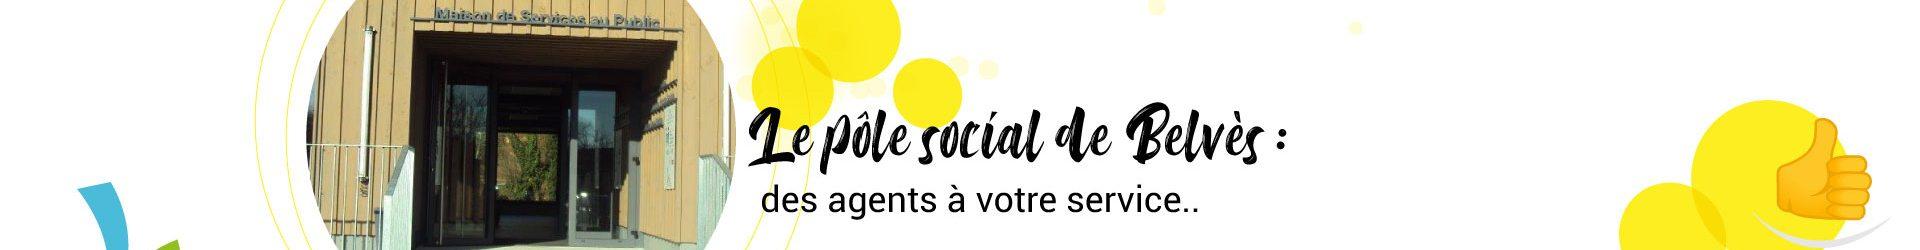 Zoom sur le nouveau pôle social de Belvès